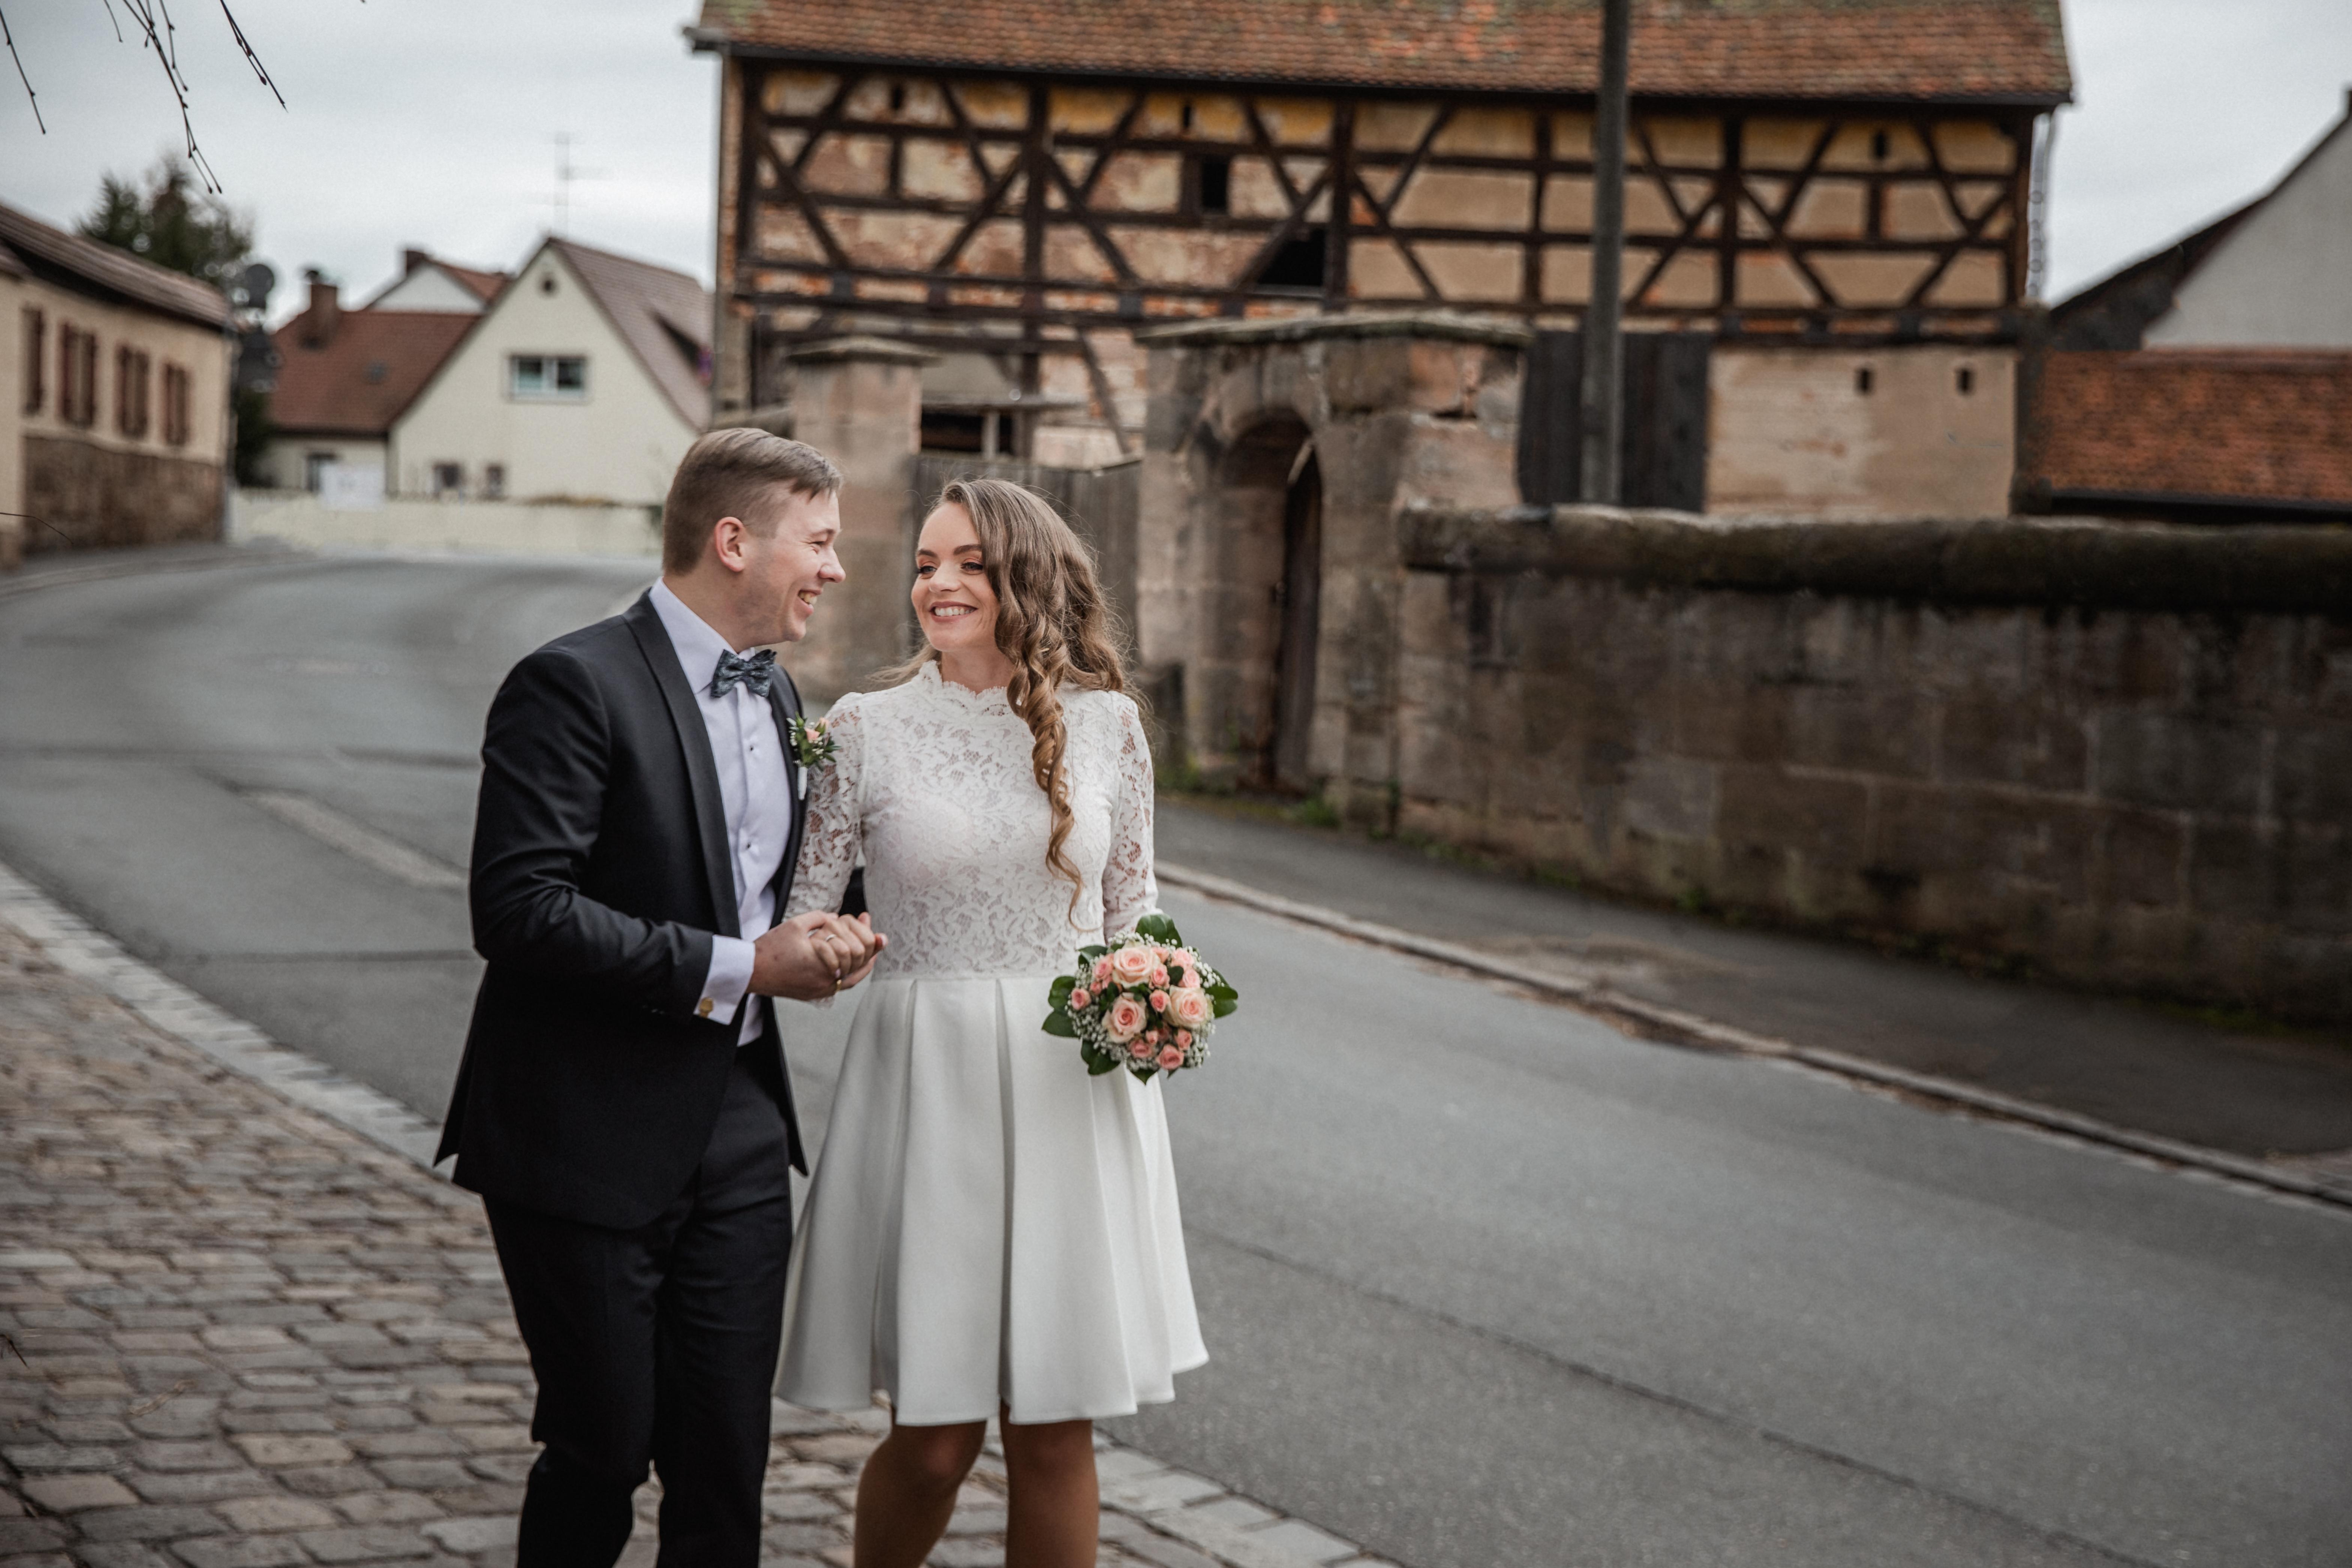 Hochzeitsfotograf-Grossgruendlach-Standesamt-Hallerschloss-Urbanerie-Stazija-und-Michael-029